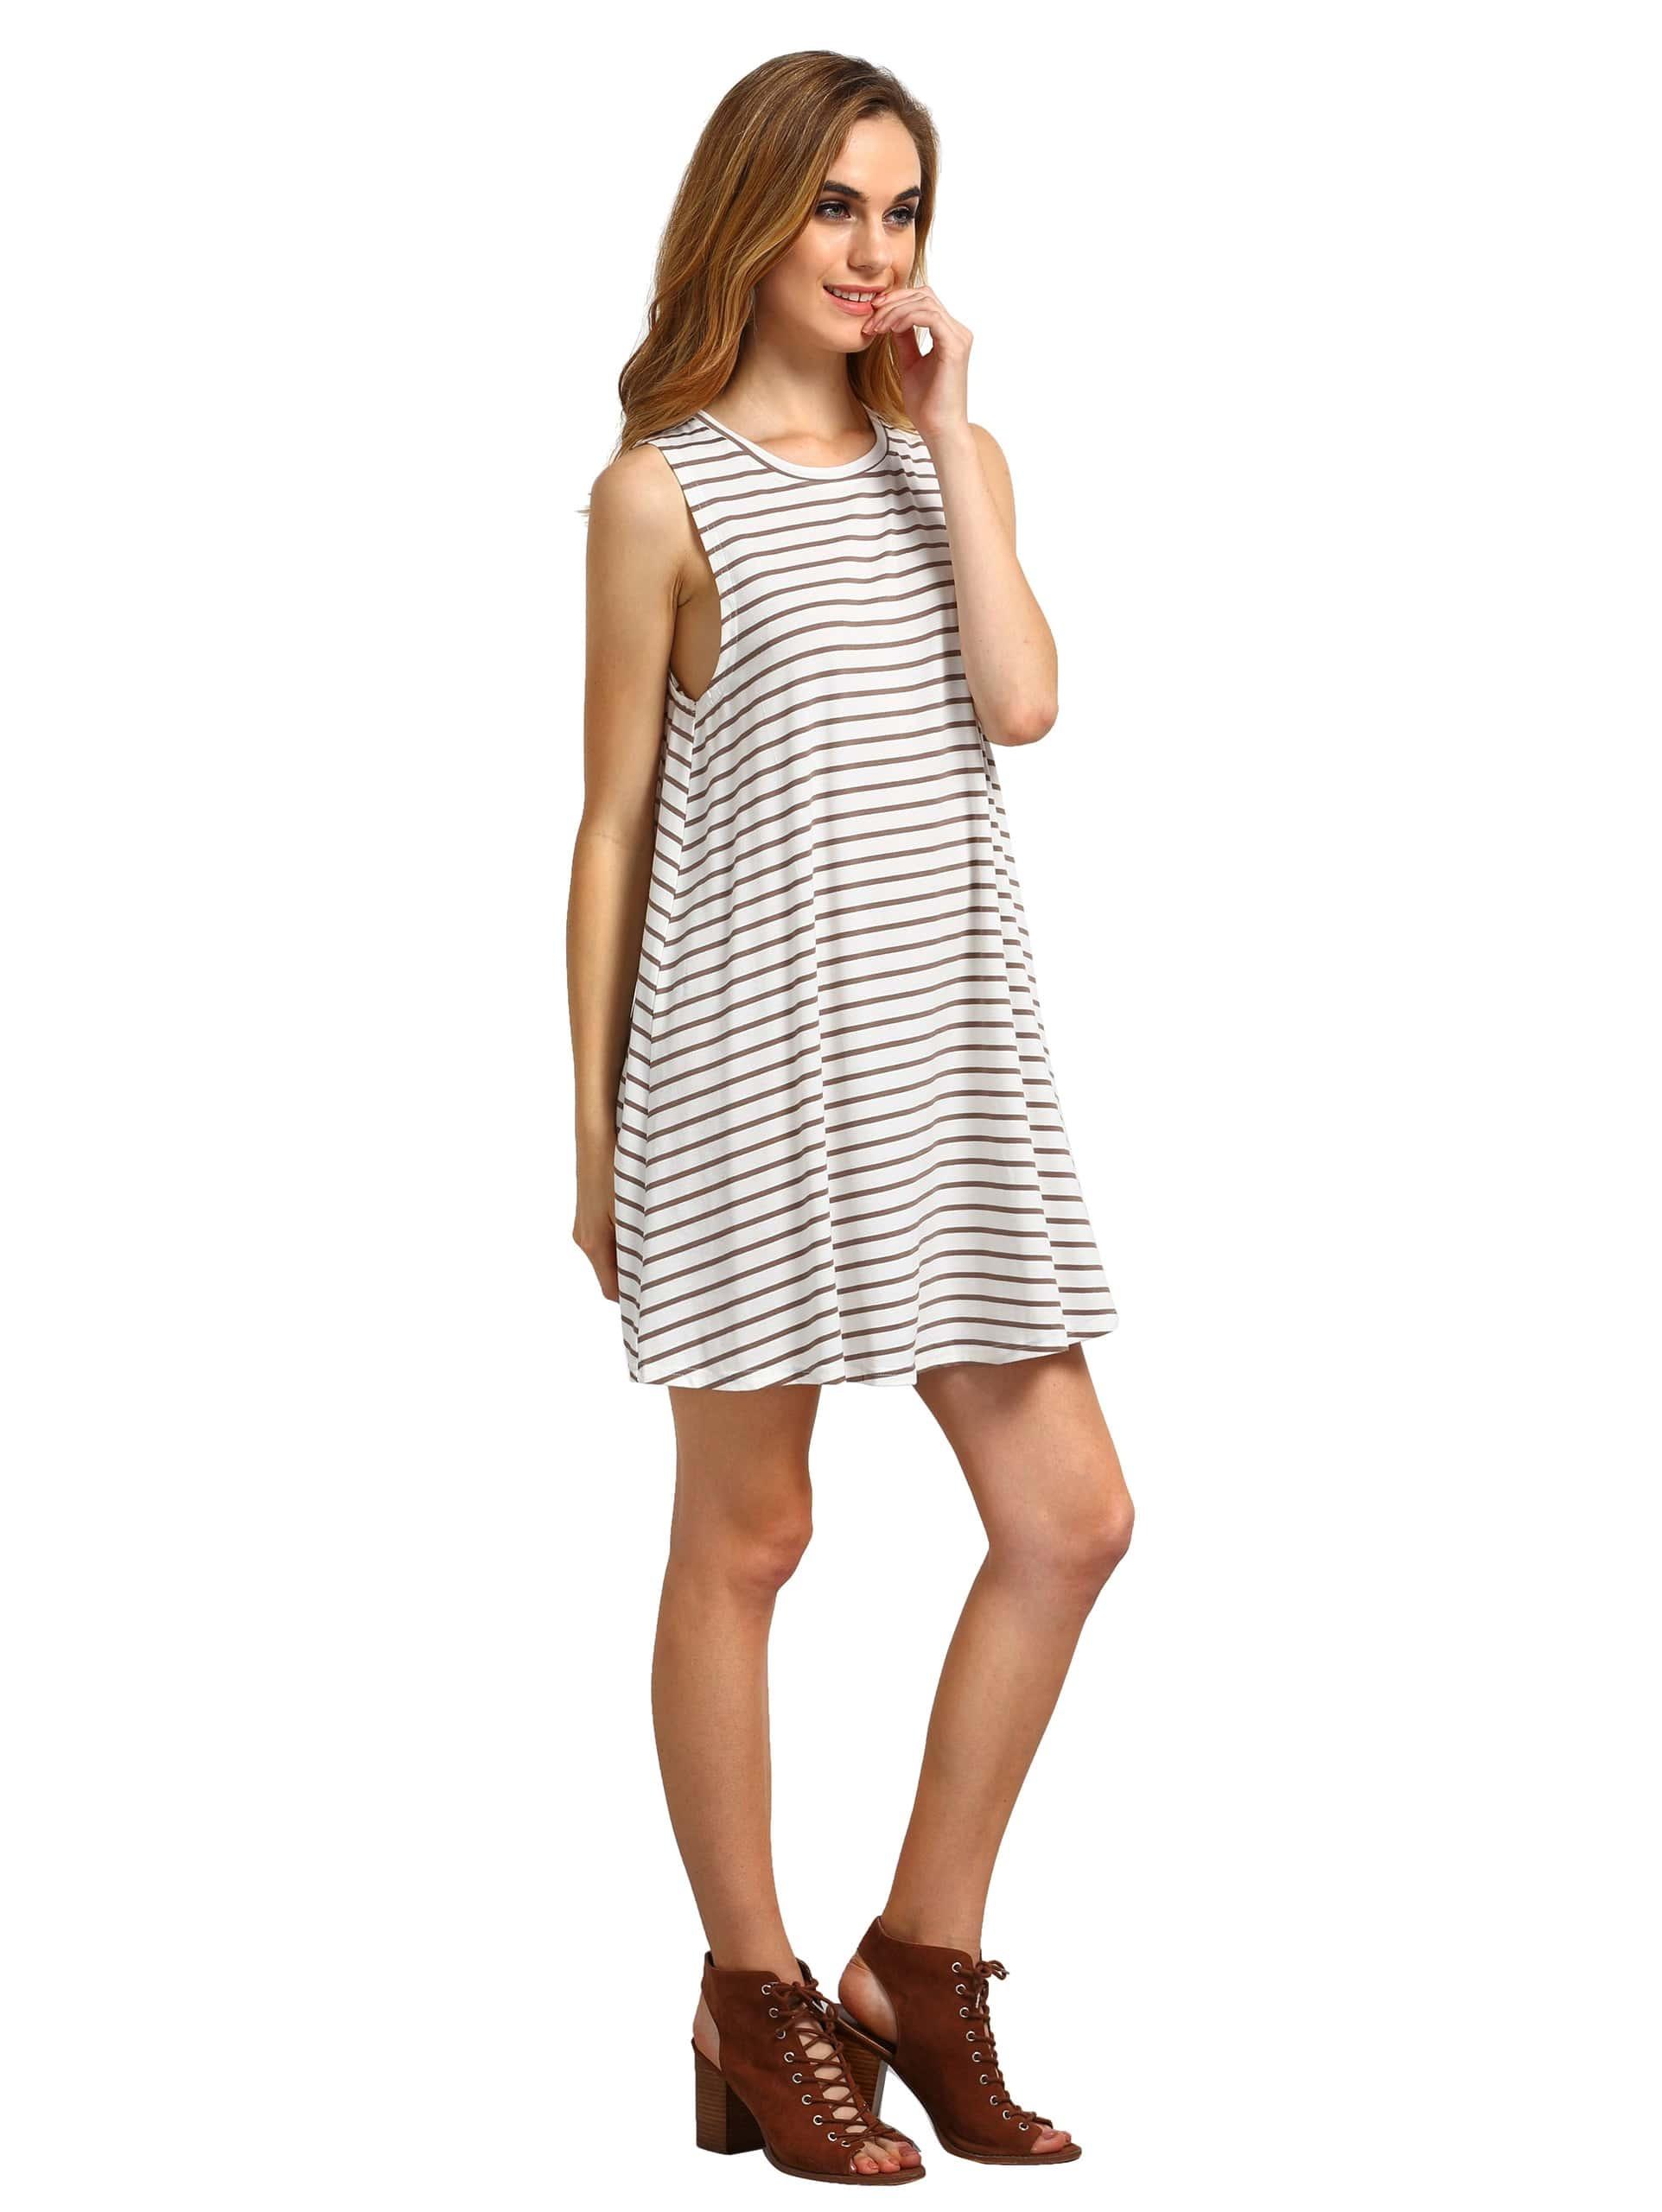 Striped Swing Tank Dress